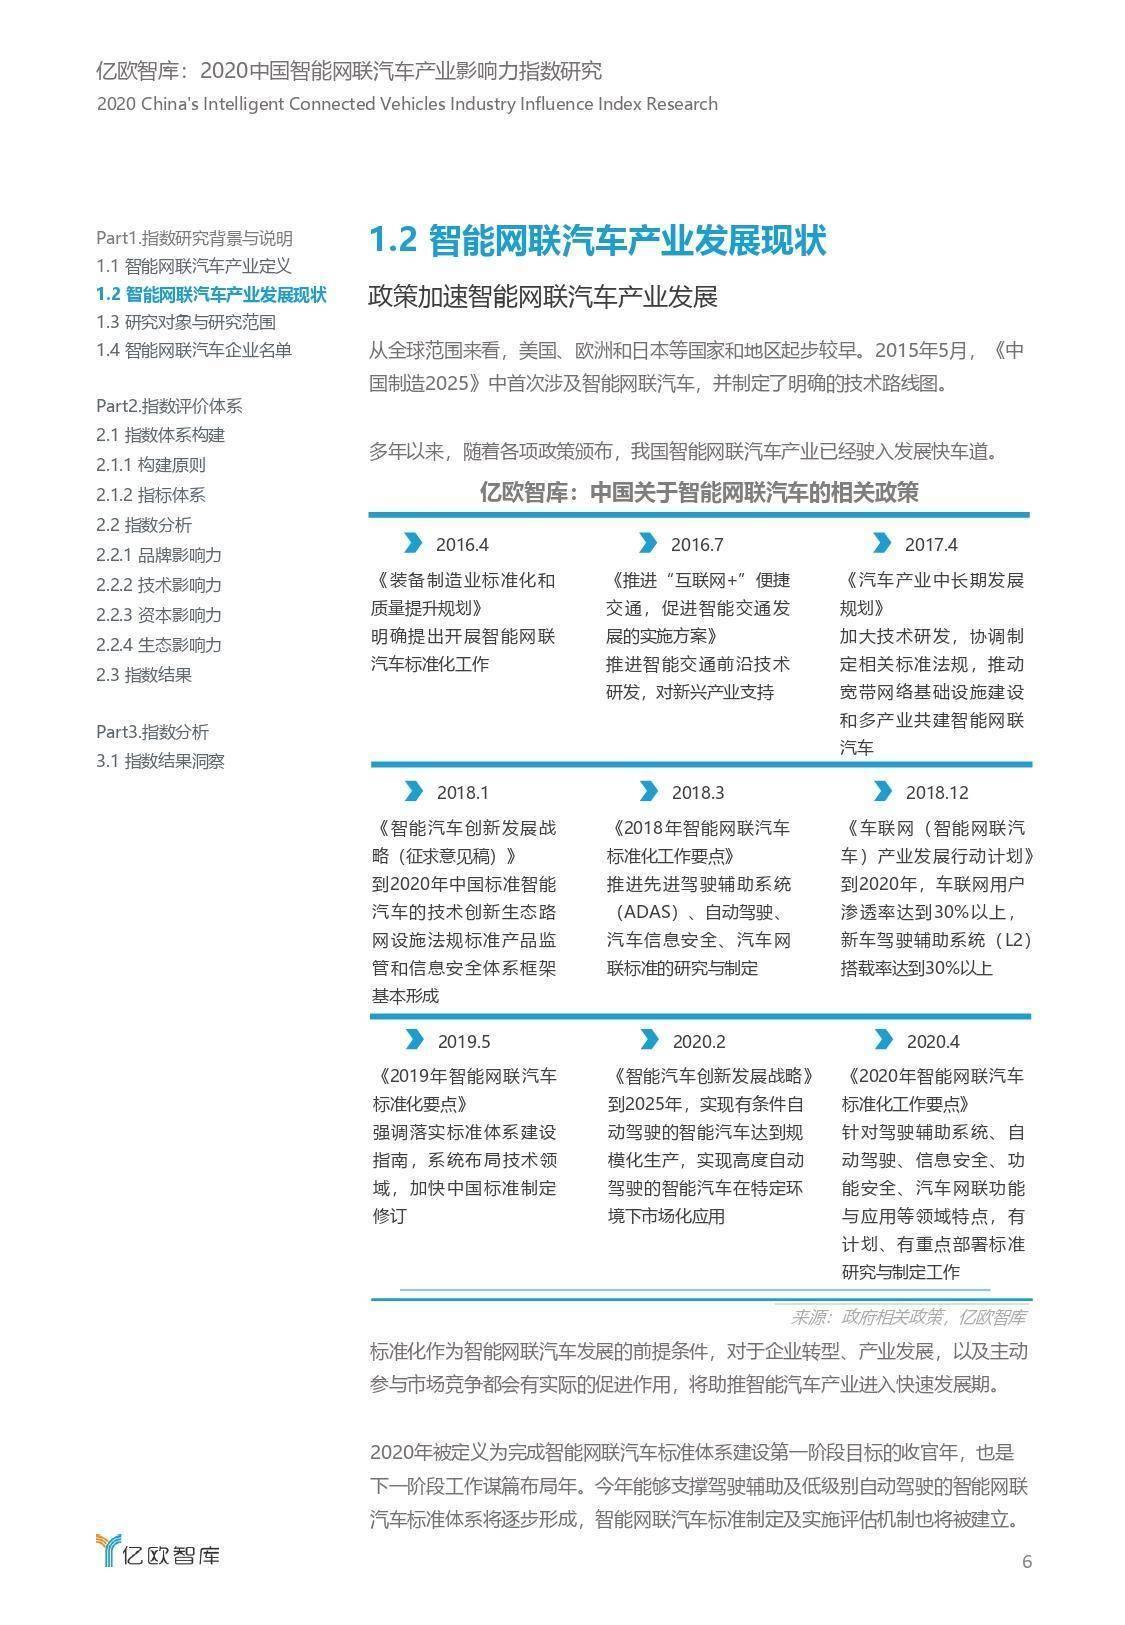 亿欧智库:2020中国智能网联汽车产业影响力指数研究